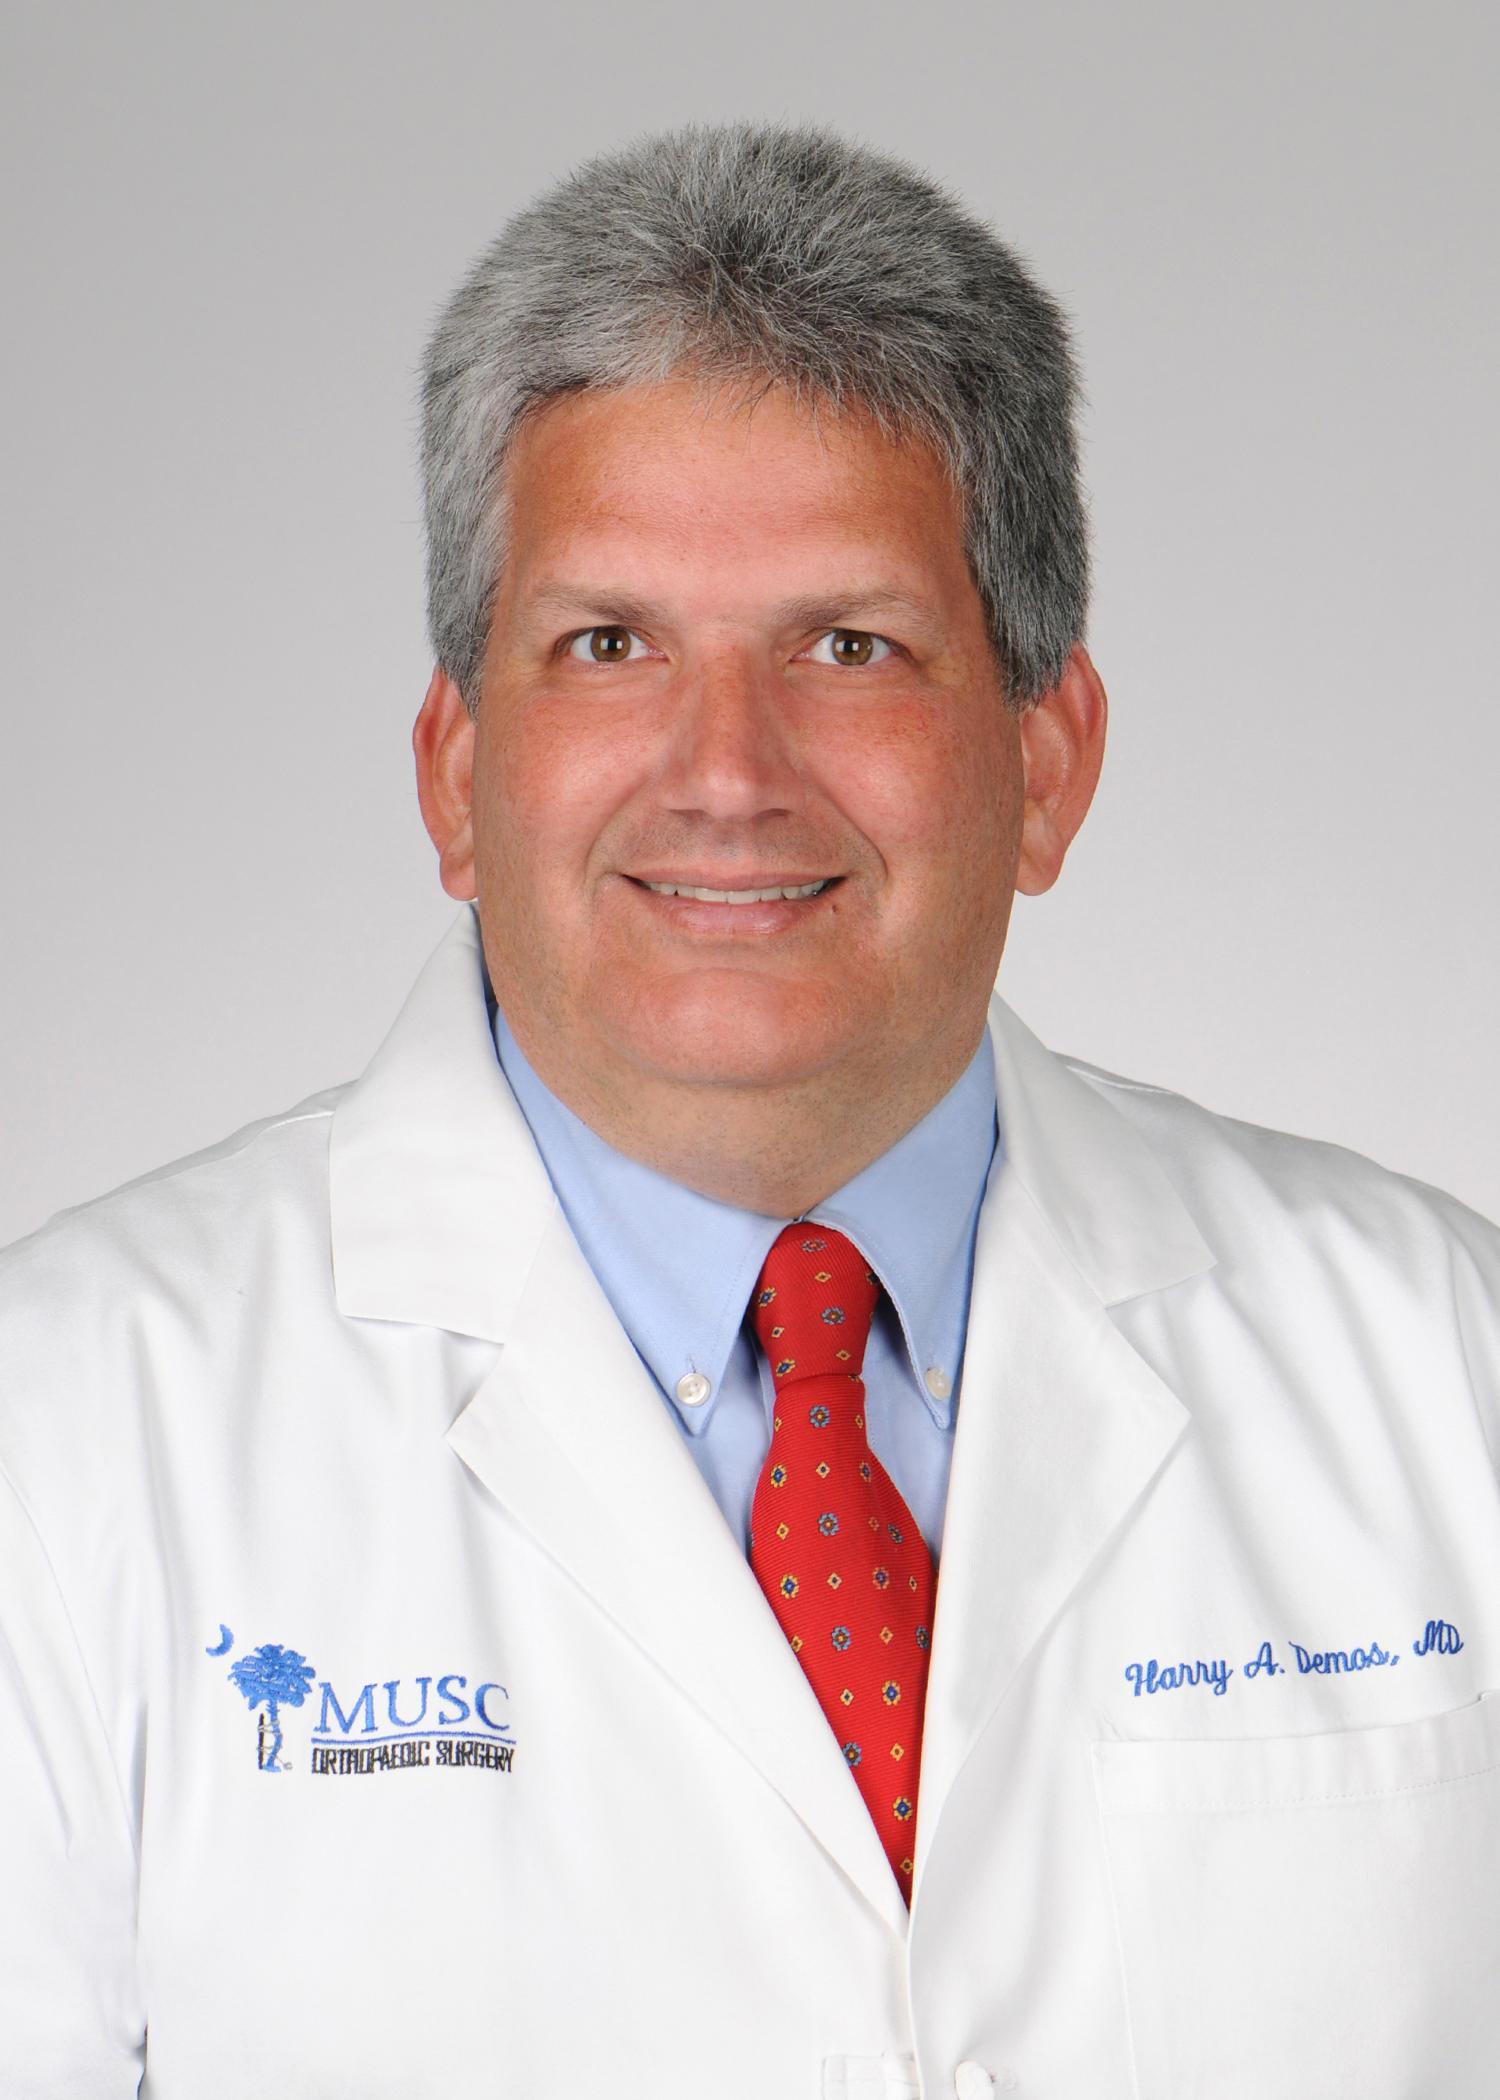 Harry Andrew Demos, MD